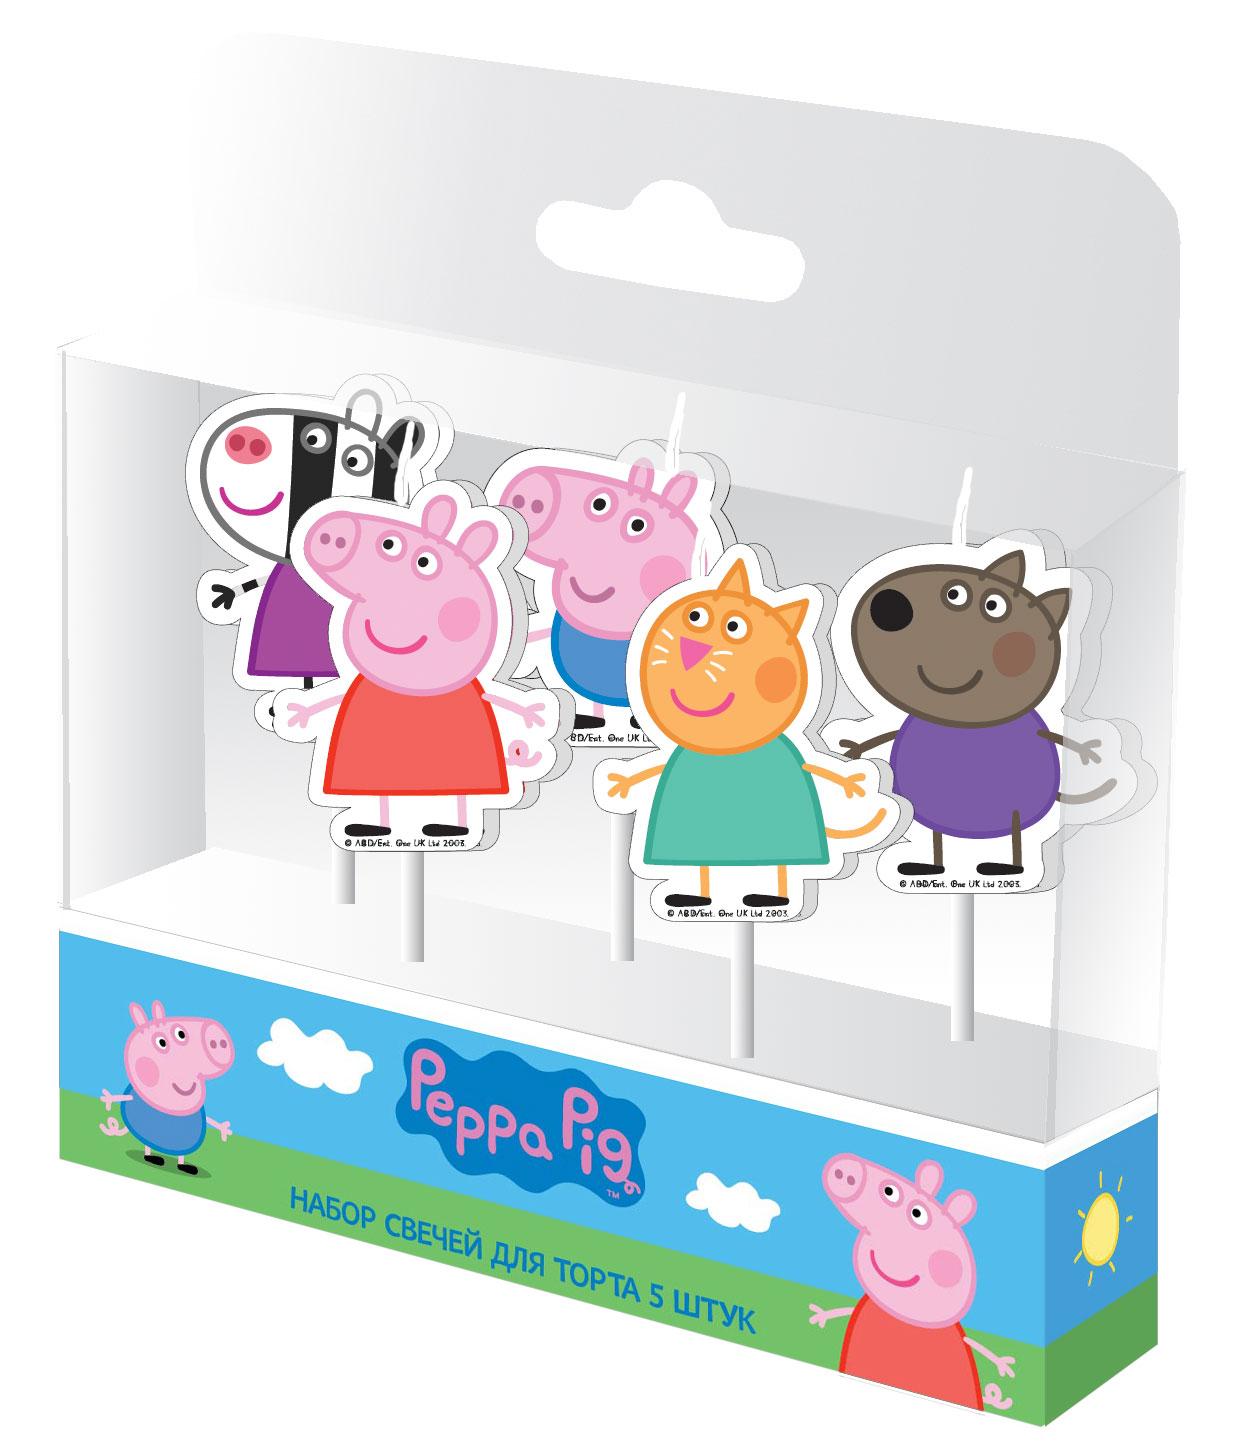 Peppa Pig Набор свечей Пеппа и друзья на палочках 5 шт peppa pig игровой набор пеппа и друзья 24312 6 фигурок